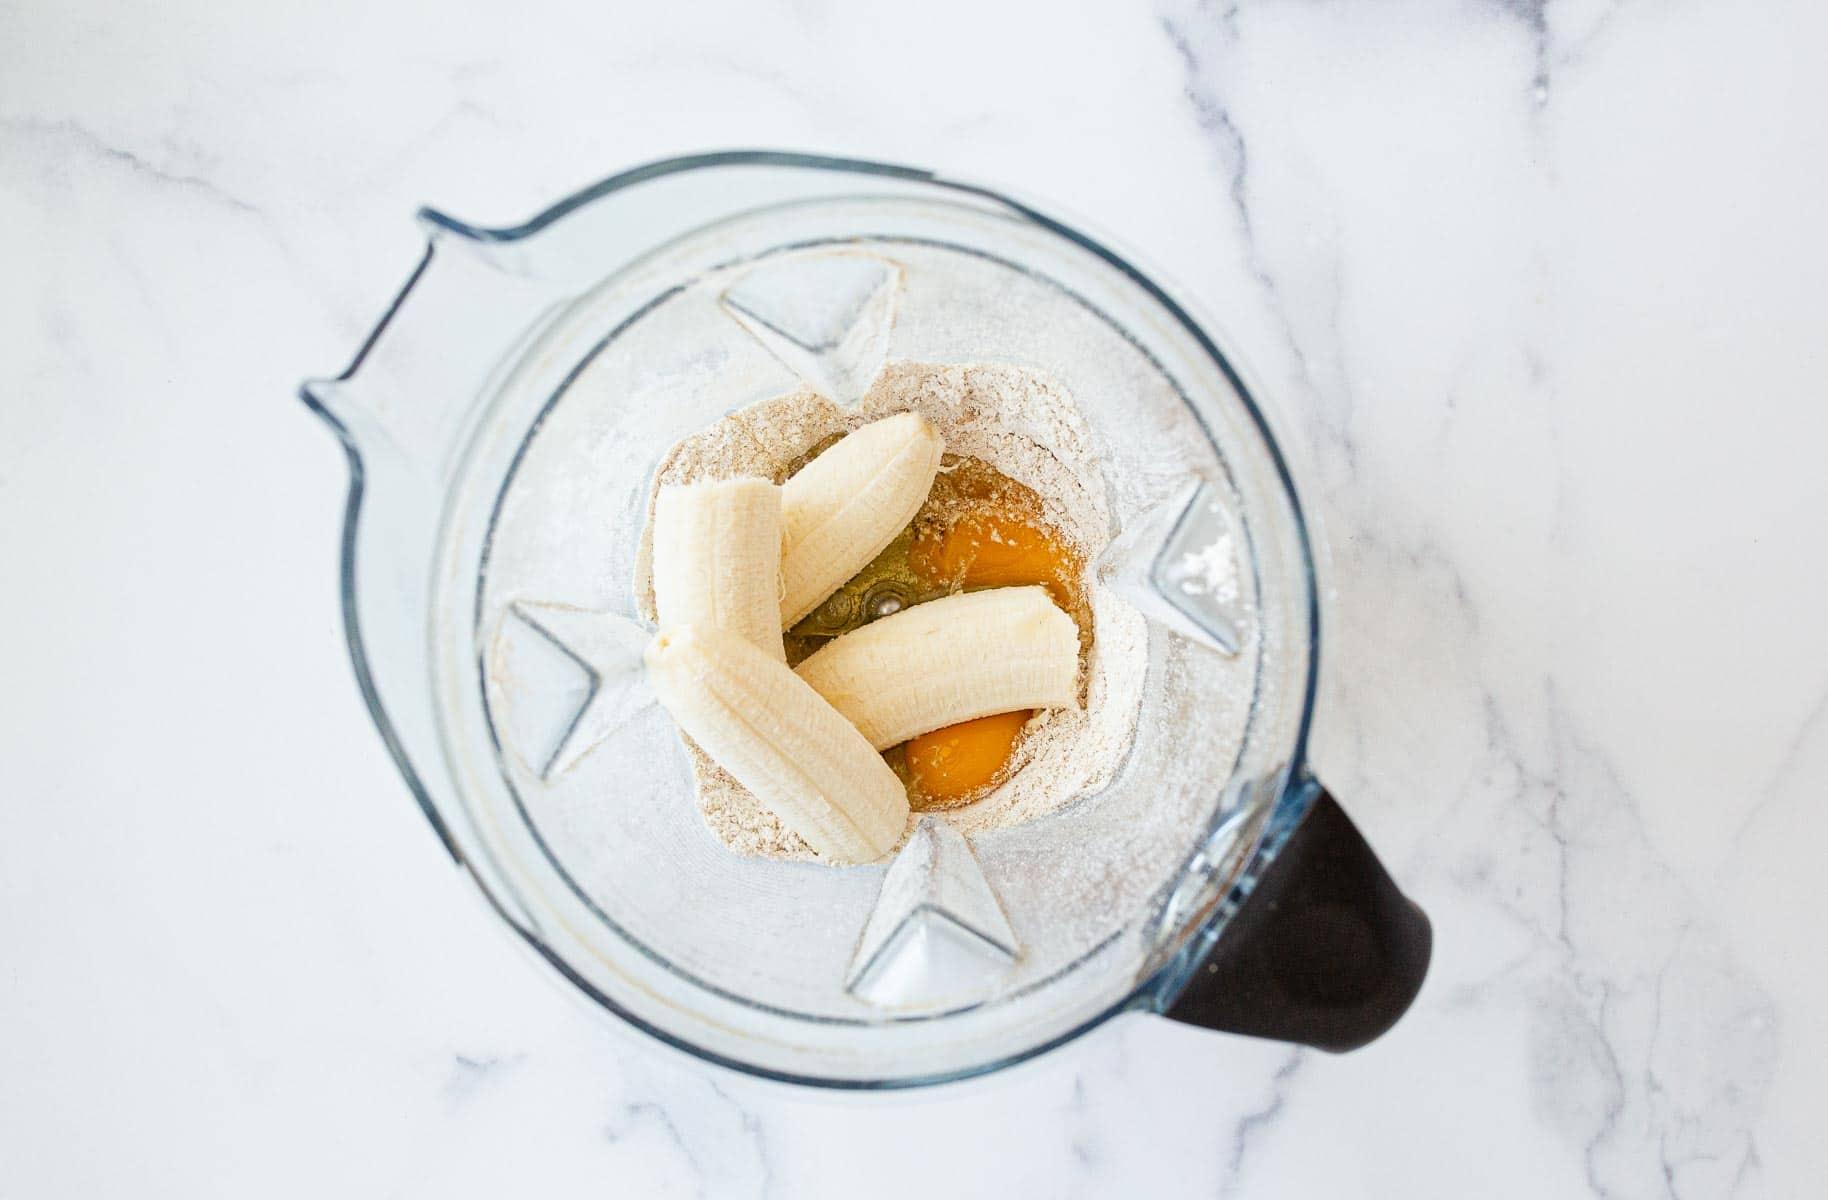 Bananas and eggs in blender.